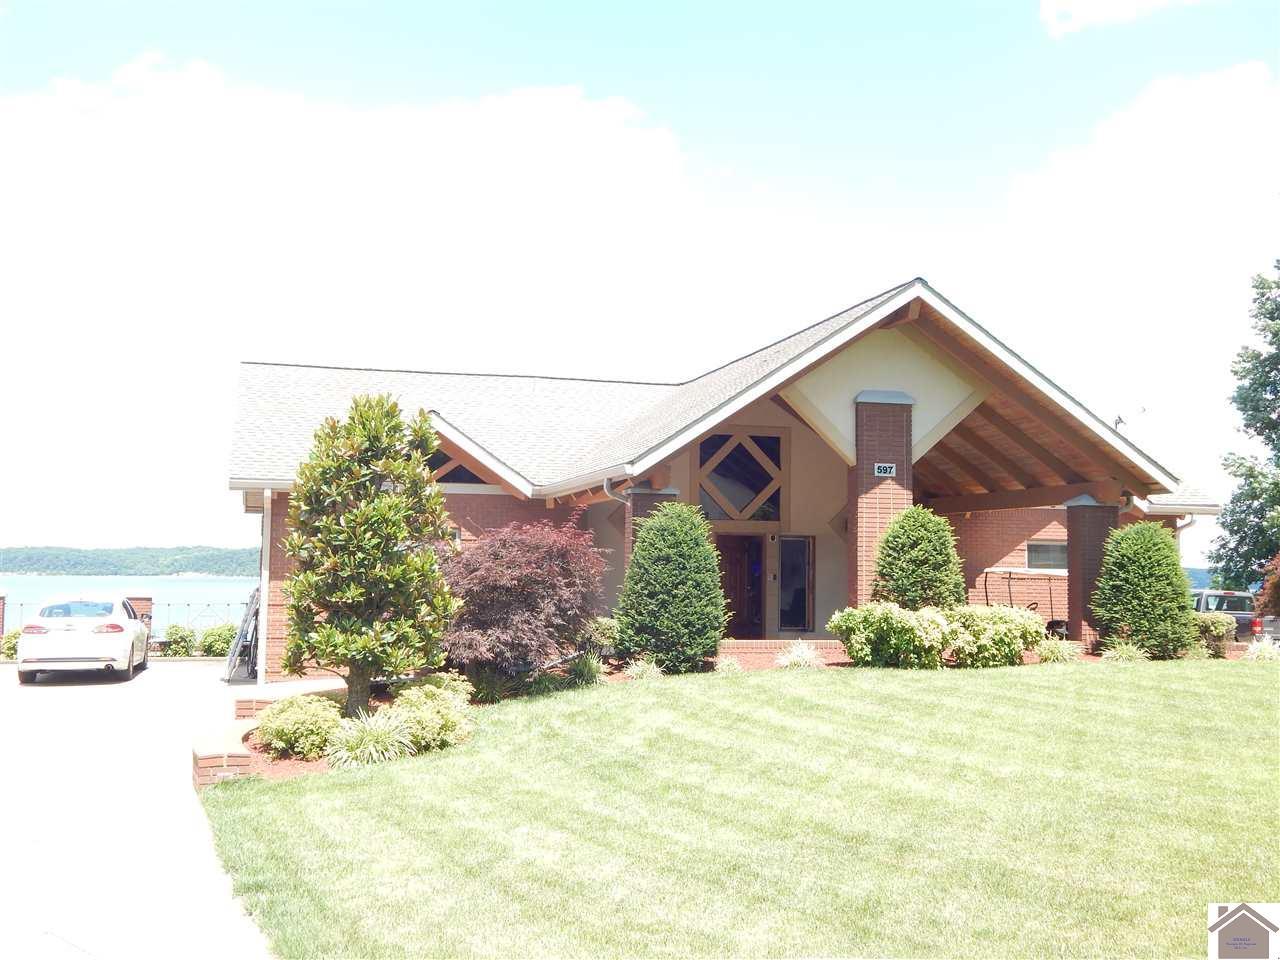 597 SHERWOOD DR, Gilbertsville, Kentucky